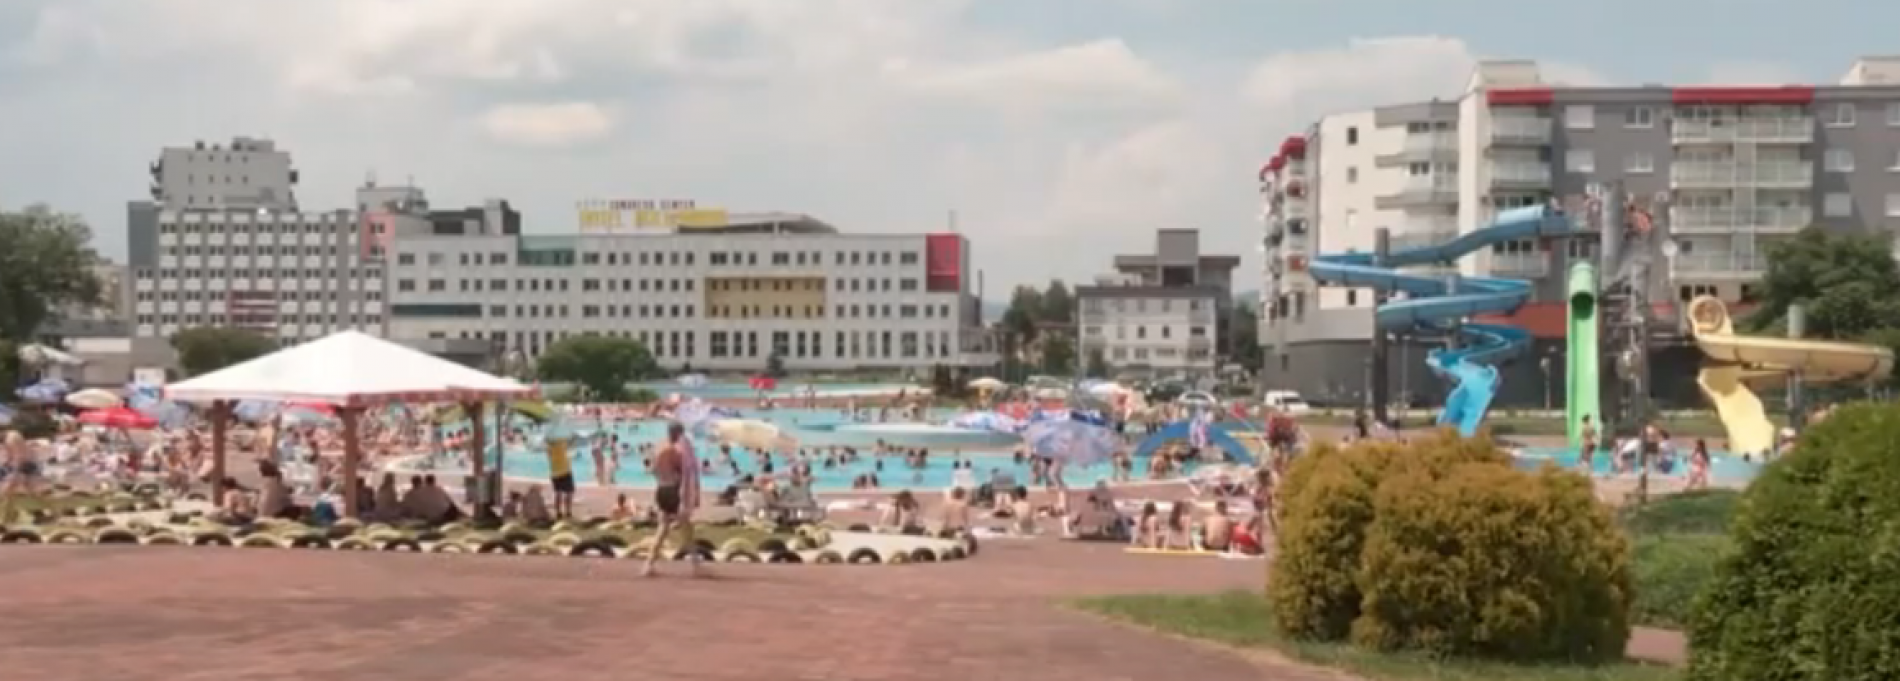 Visoke temperature izmamile su brojne građane da se rashlade na nekom od sarajevskih bazena